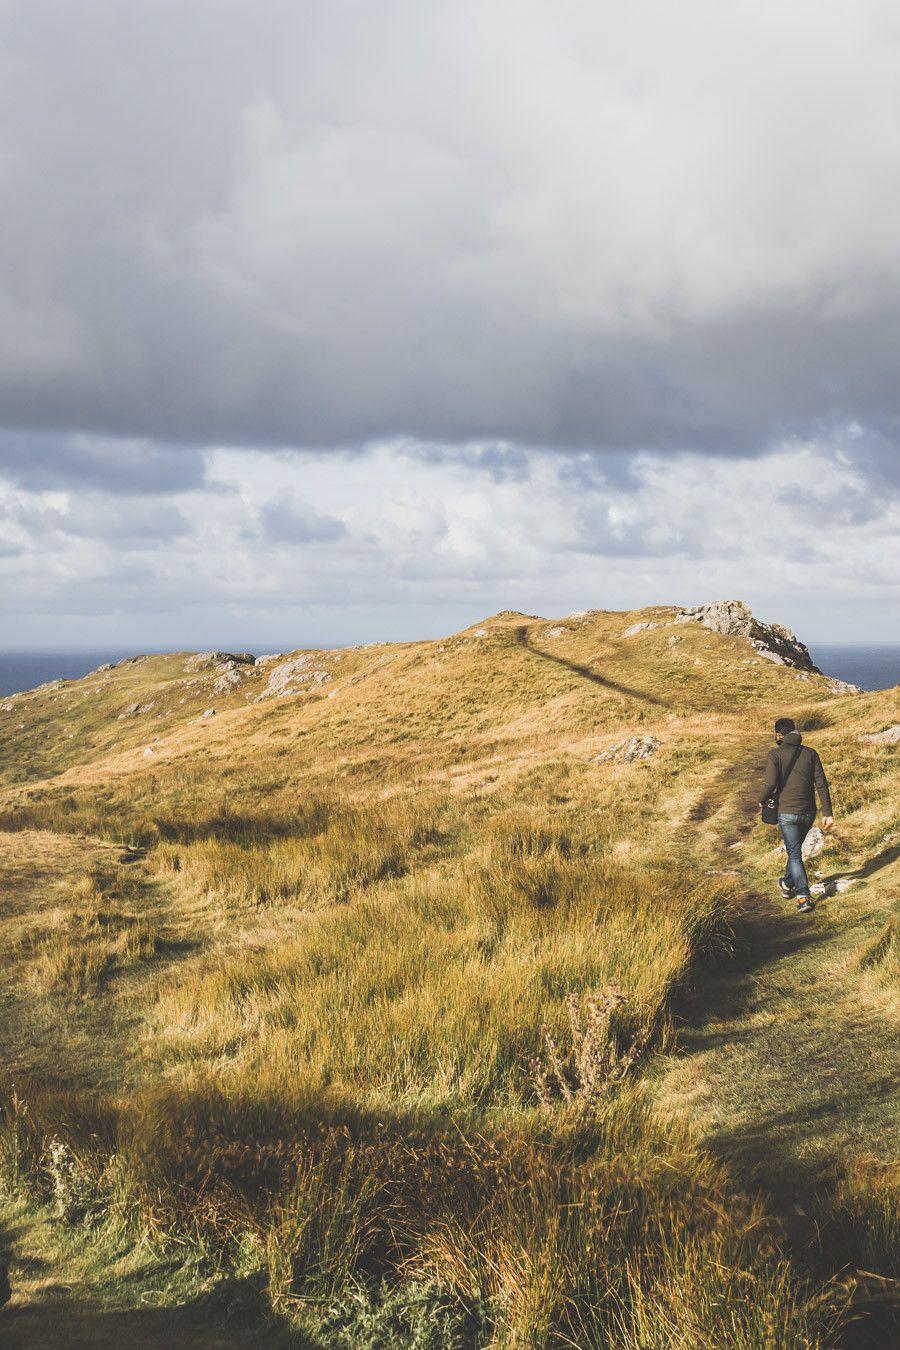 Vous planifiez un road trip en Irlande ? N'oubliez pas le comté de Donegal. Entre belles plages et falaises imposantes, ce comté saura vous surprendre et vous émerveiller. Vous trouverez dans cet article conseils pratiques et itinéraire. Irlande road trip / Road trip Irlande / Irlande paysage / Irlande / Donegal Ireland / Donegal things to do / Voyage Irlande / Voyage en Irlande / Carnet de voyage Irlande / Carnet voyage Irlande